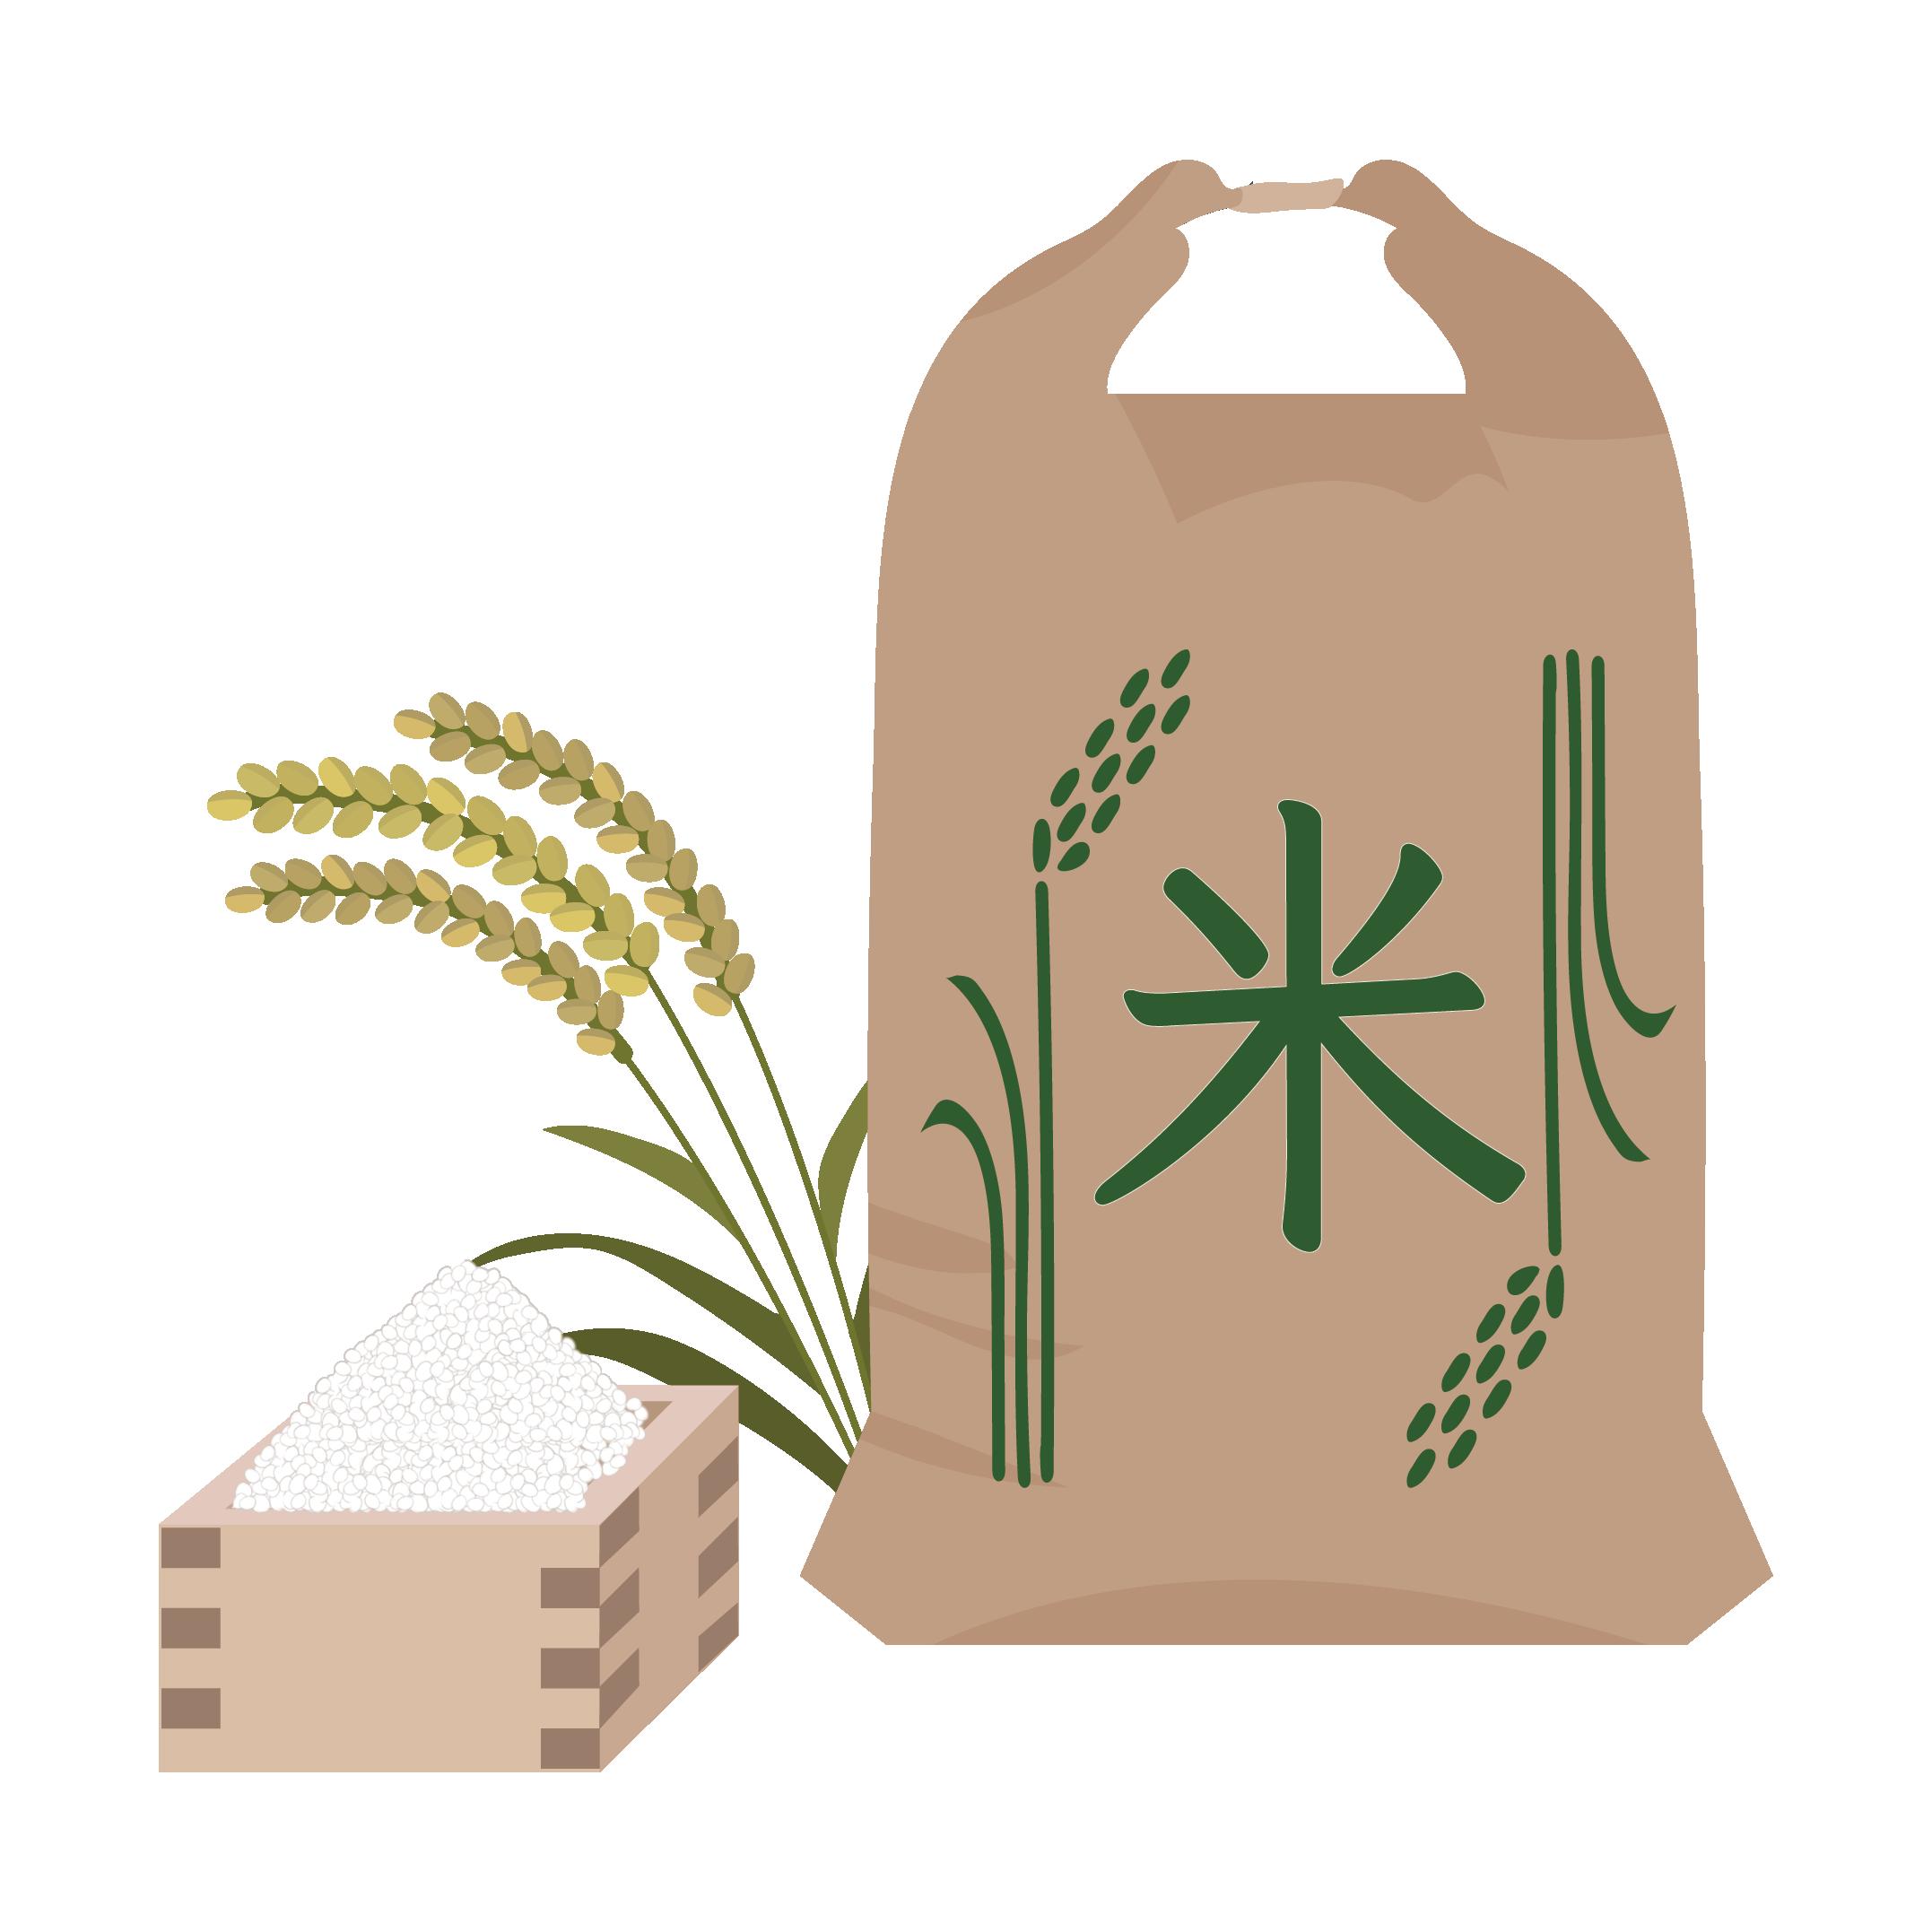 米 イラスト 稲に米袋 商用フリー無料のイラスト素材なら